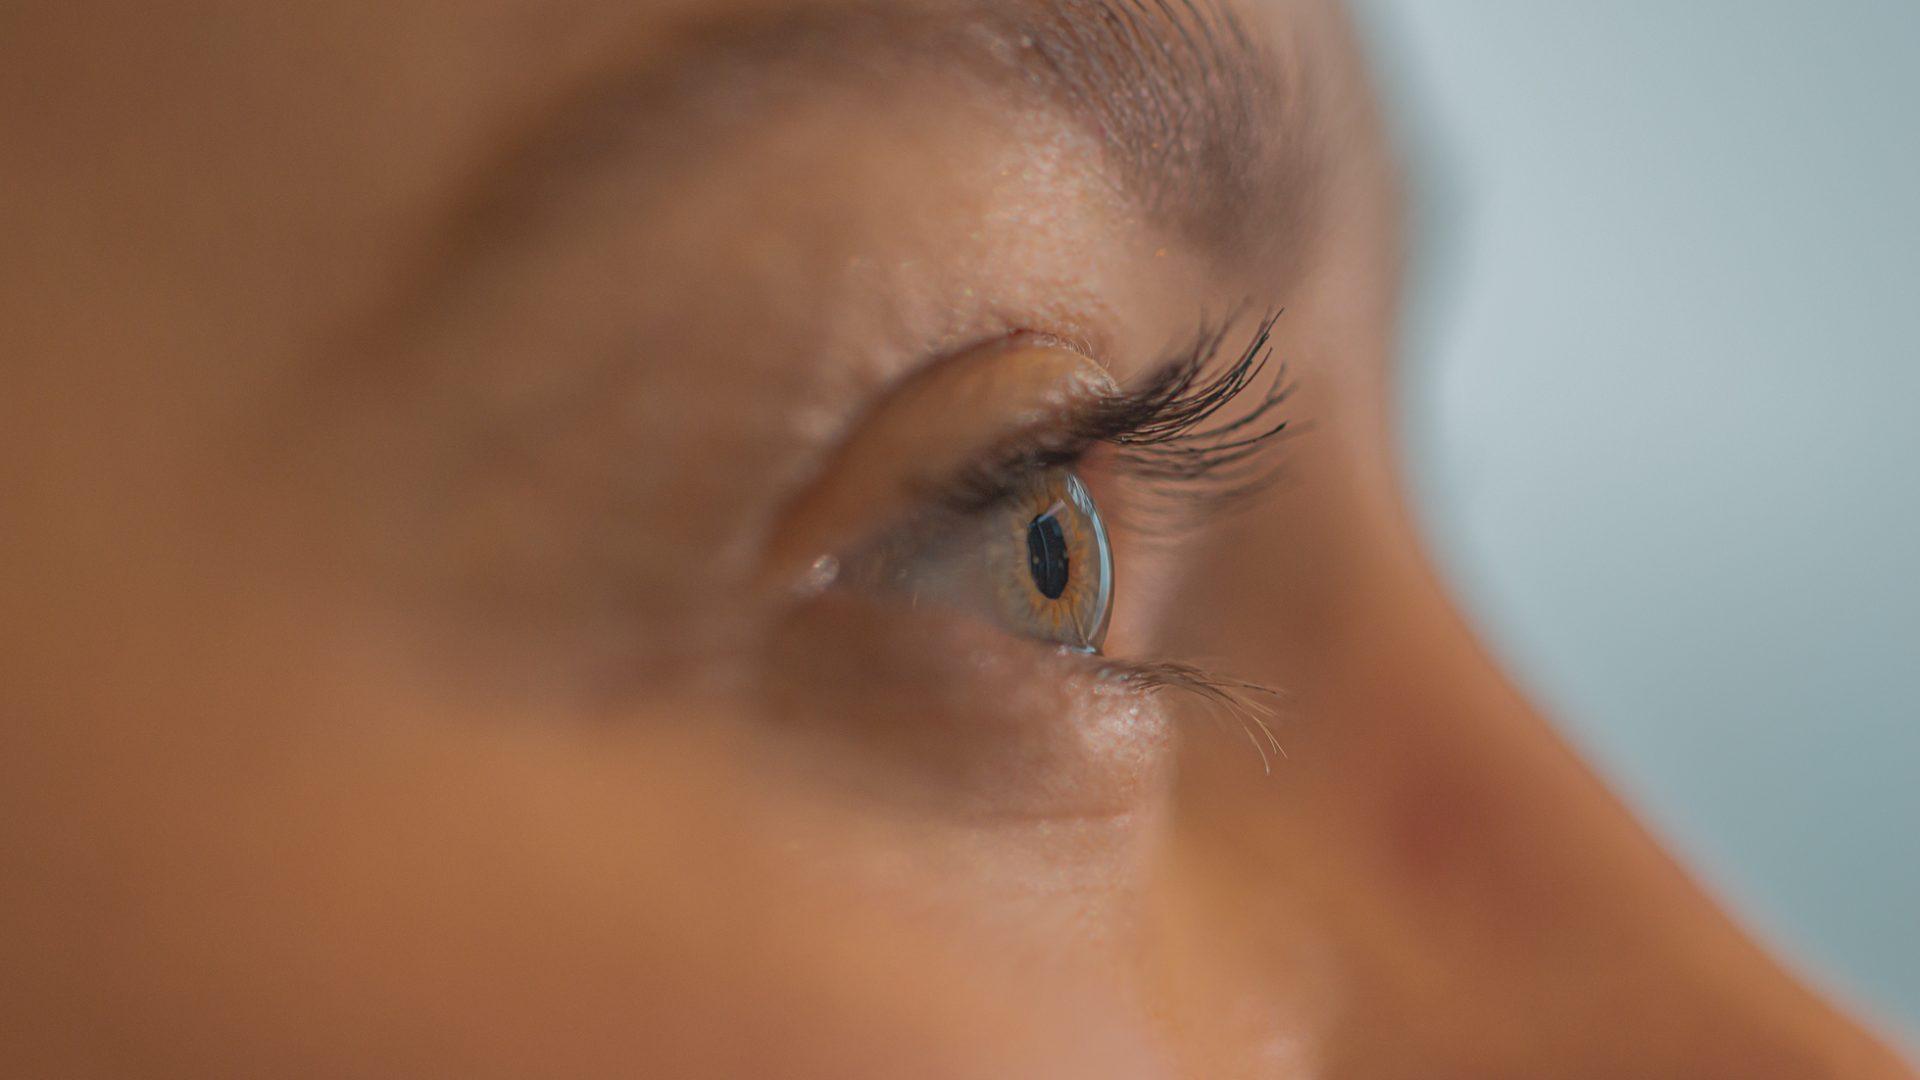 Ett öga i profil med ögonfransar